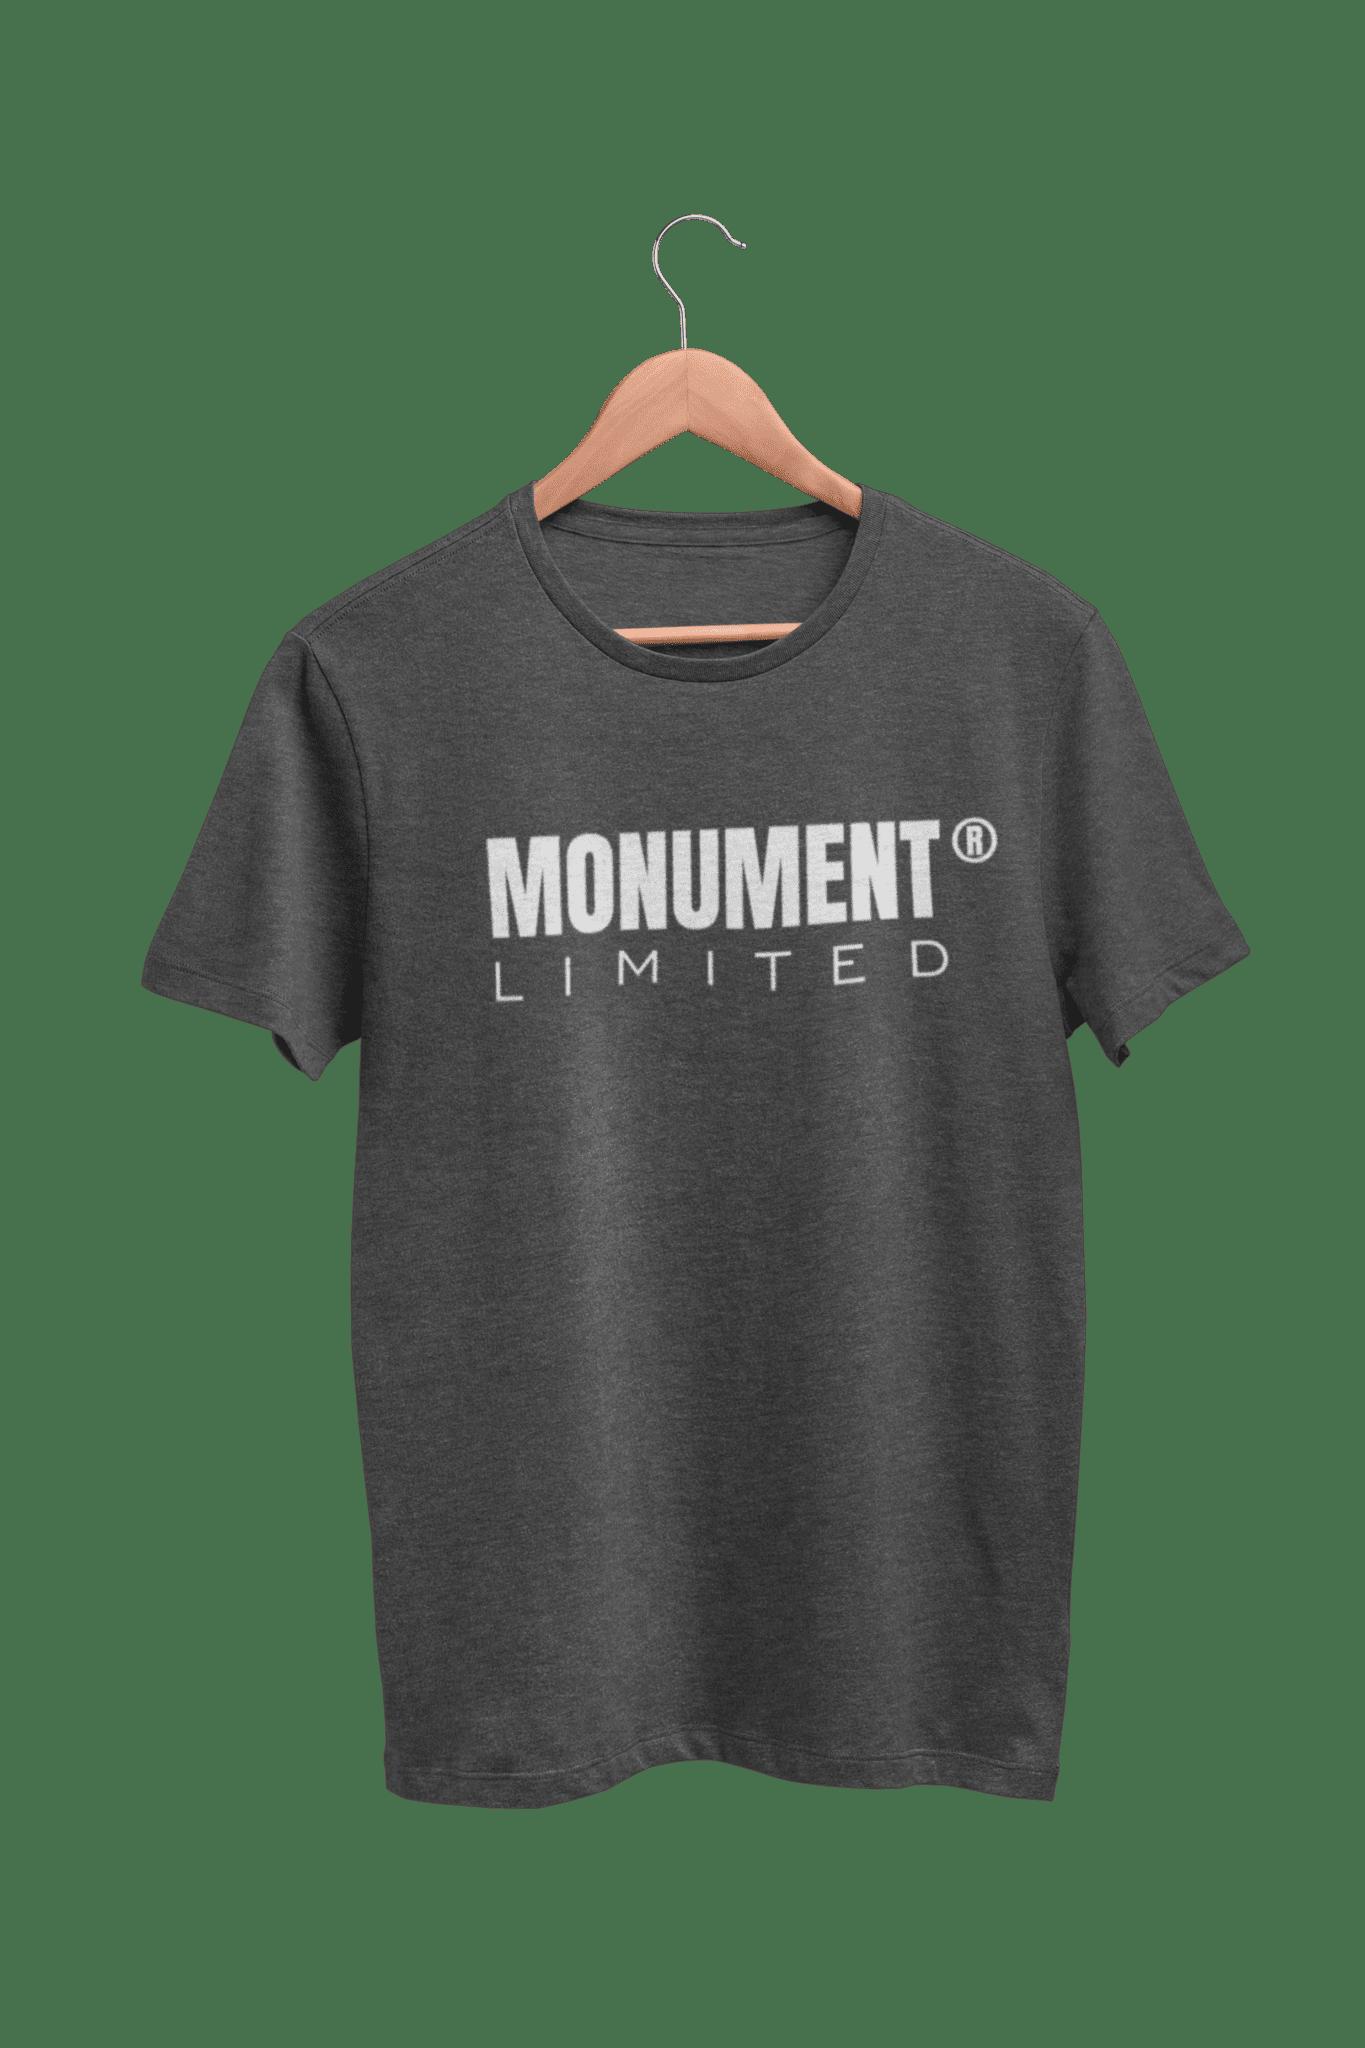 fast t shirt printing in phoenix az